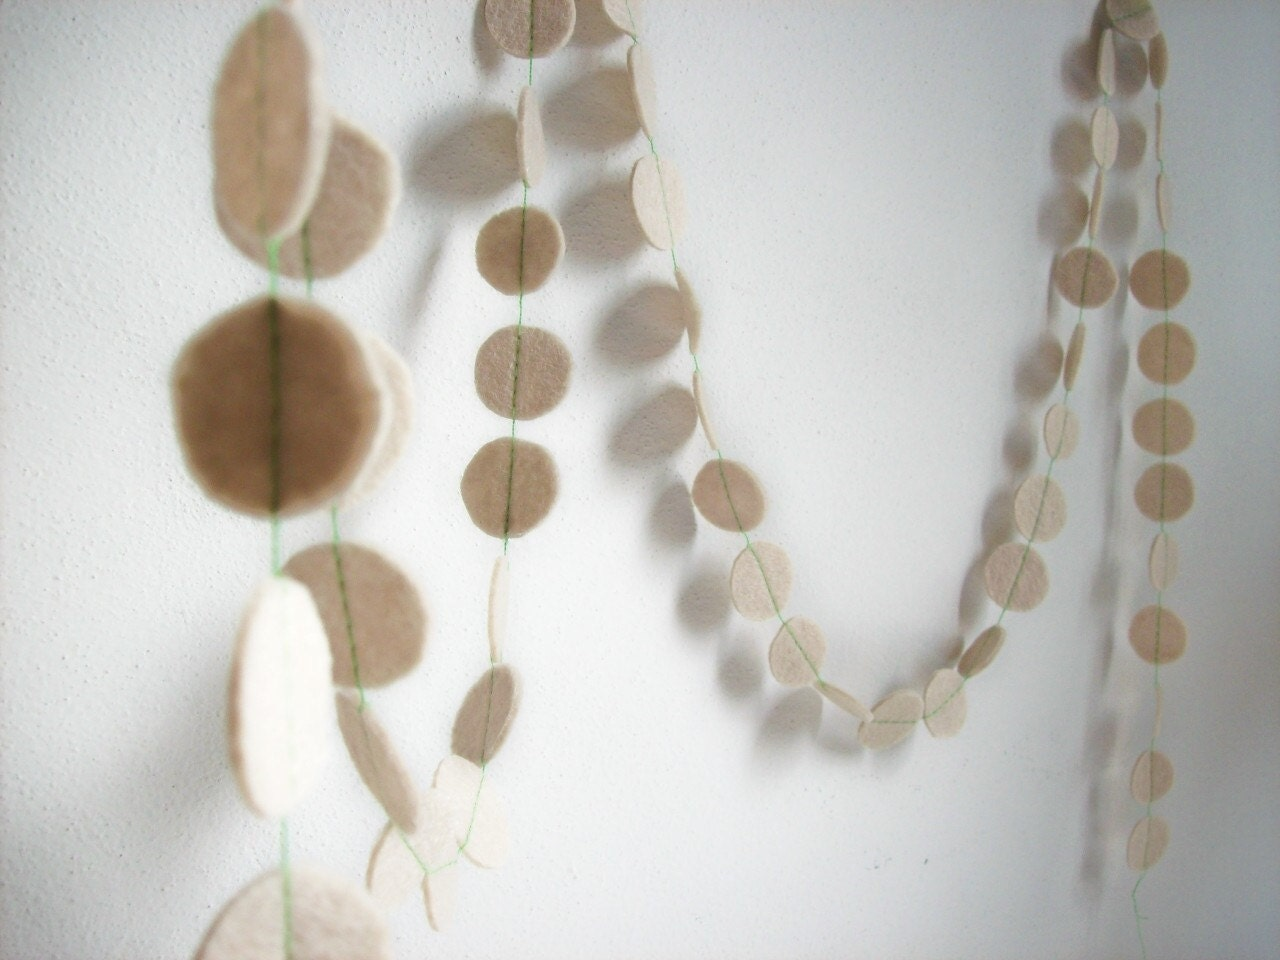 garland strand chrismas winter ornament